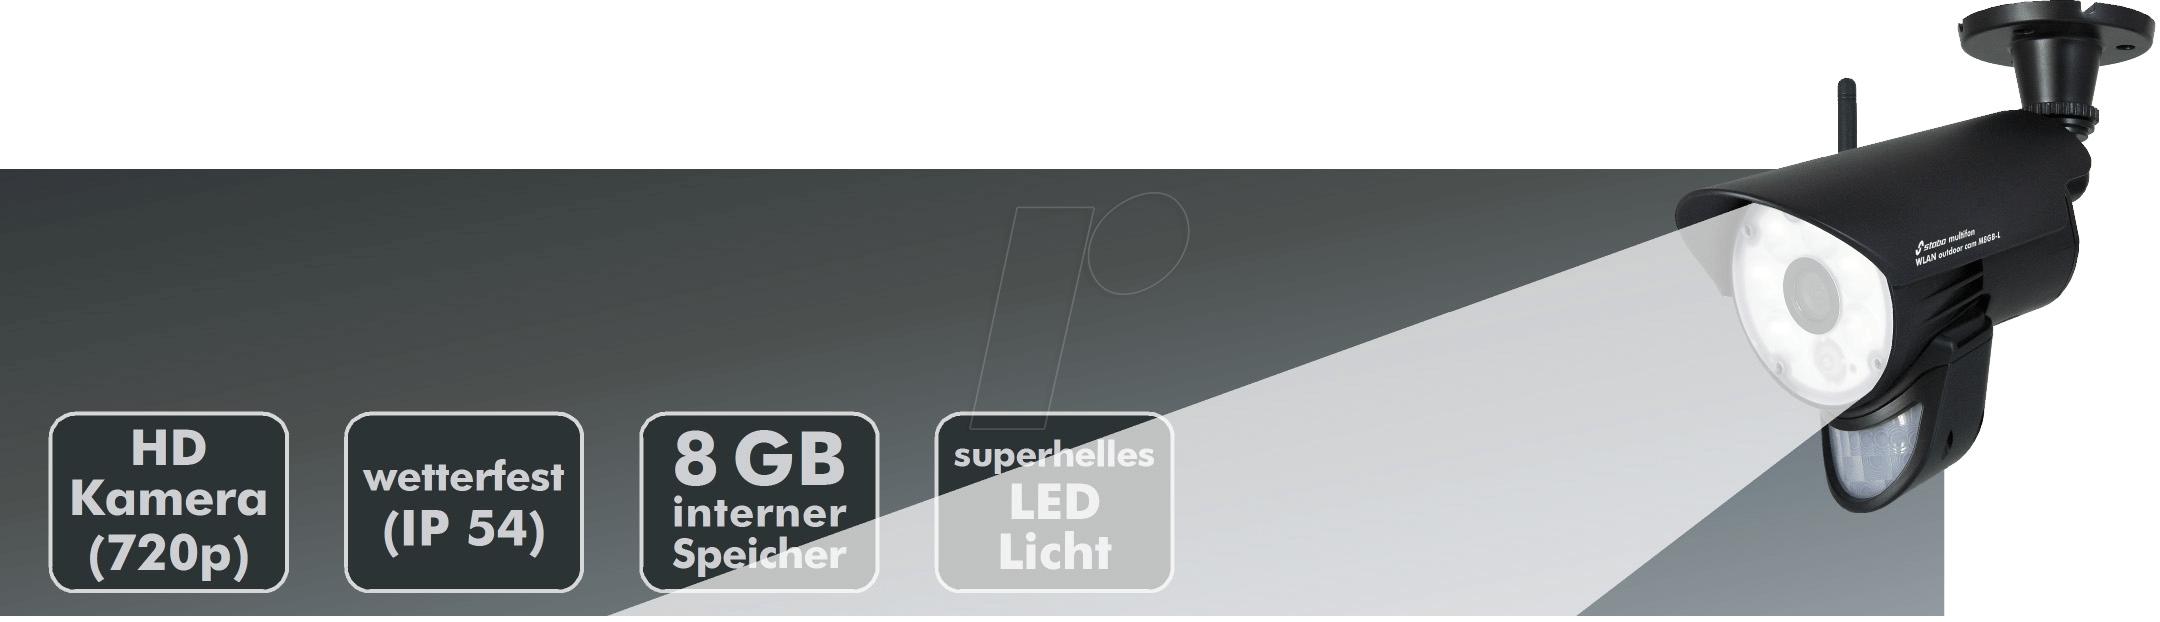 https://cdn-reichelt.de/bilder/web/xxl_ws/H100/STABO_51088_03.png